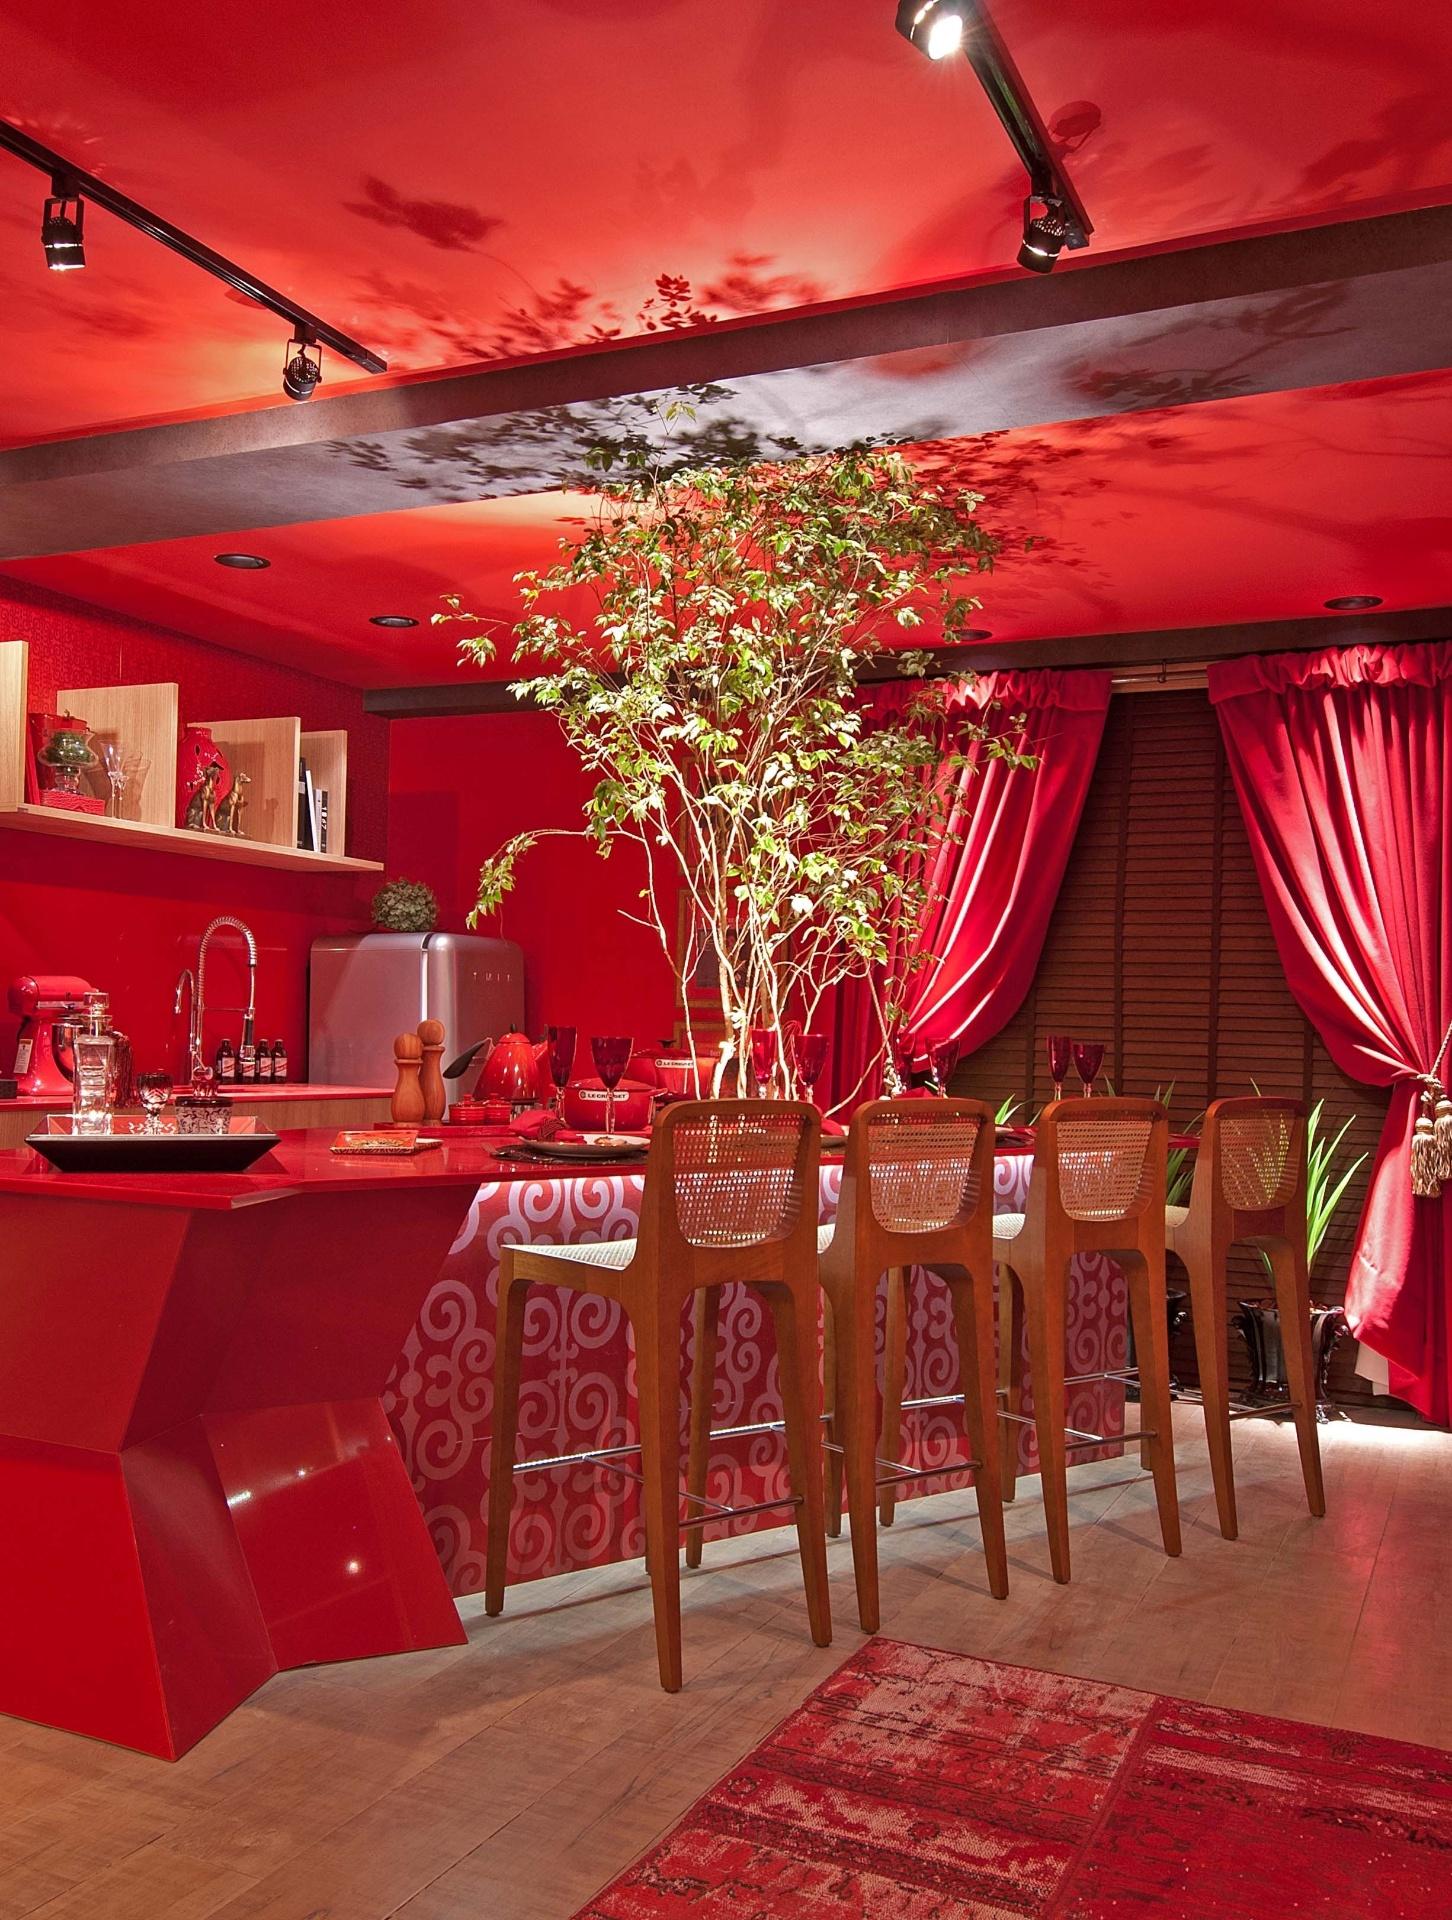 De cor vermelho intenso, o ambiente Studio Deseo é de autoria do escritório Blanc Concept Design, de Balneário Camboriú. A Casa Cor Santa Catarina, pela primeira vez, acontece simultaneamente em Florianópolis e na Praia Brava, de Itajaí. As duas sedes do evento apresentam, no total, 45 ambientes até 30 de junho de 2013